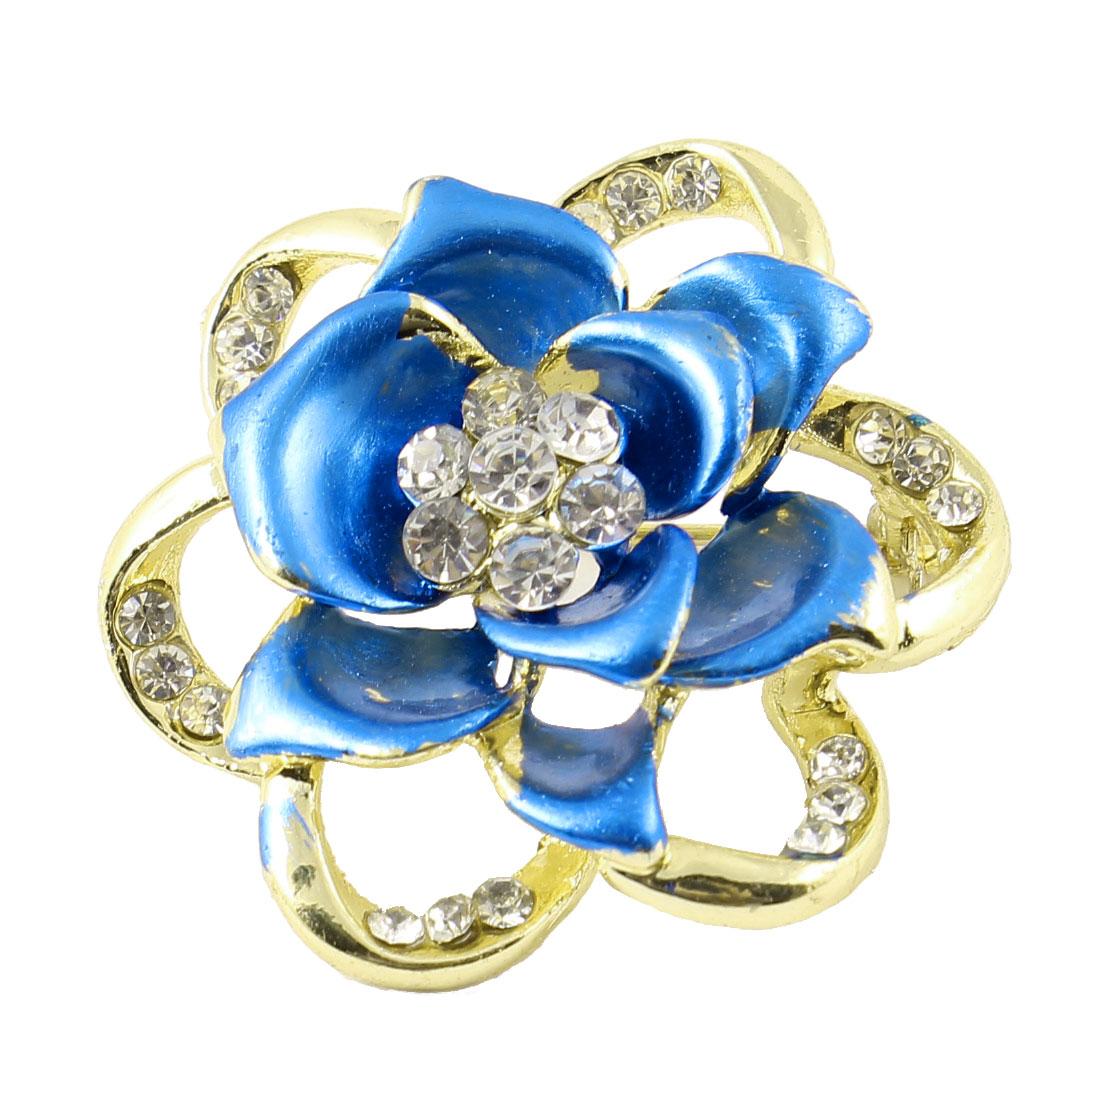 Lady Glistening Rhinestone Inlaid Flower Shape Breast Pin Brooch Blue Gold Tone